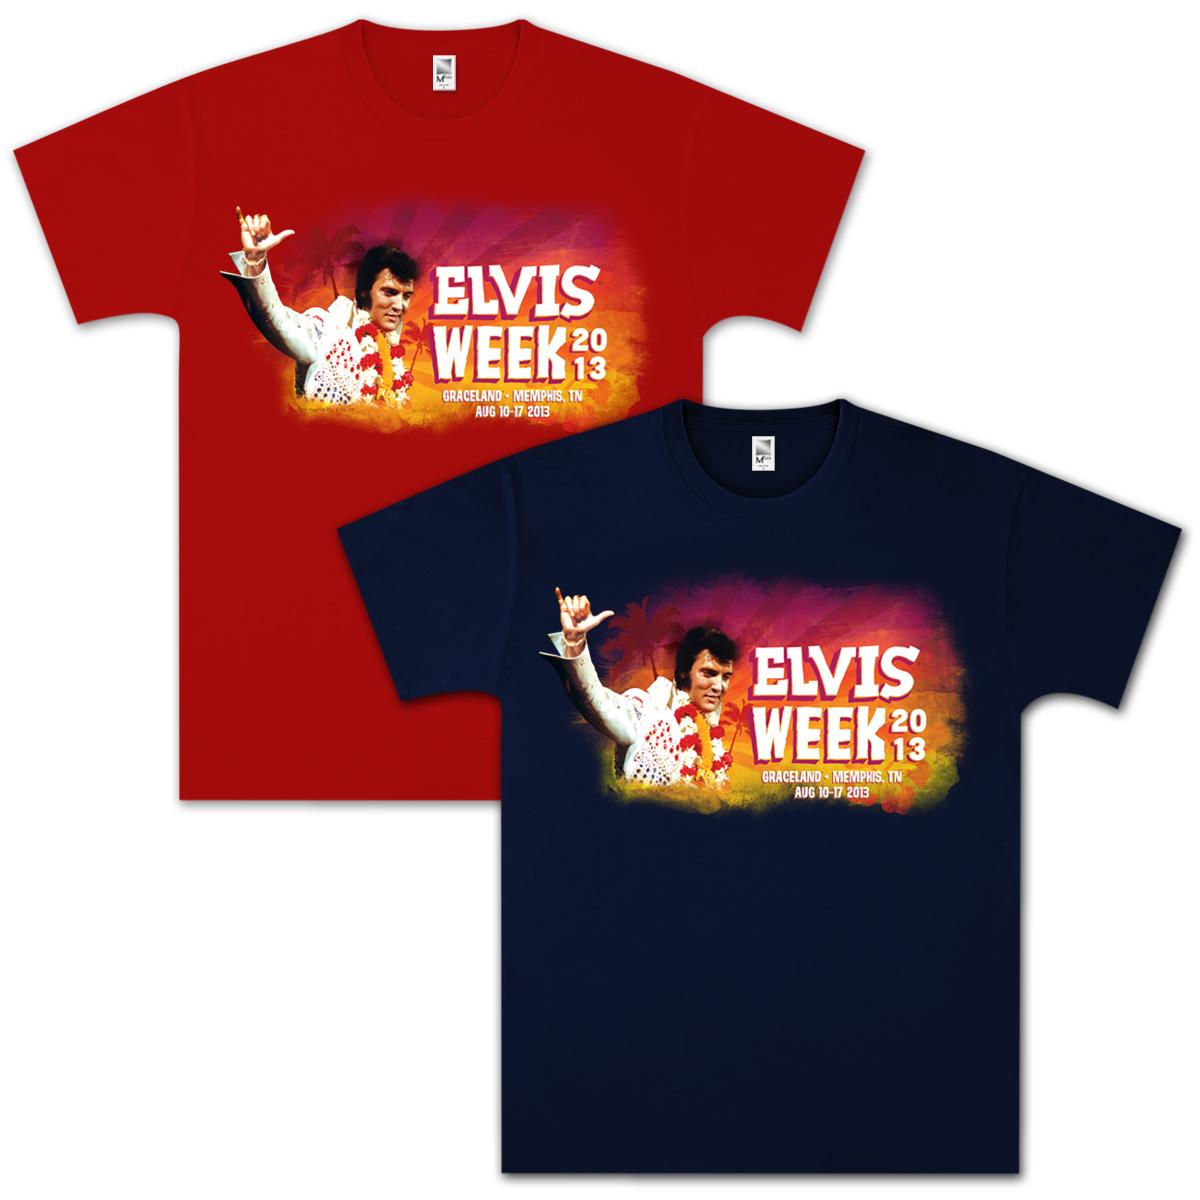 Elvis Week 2013 T-shirt